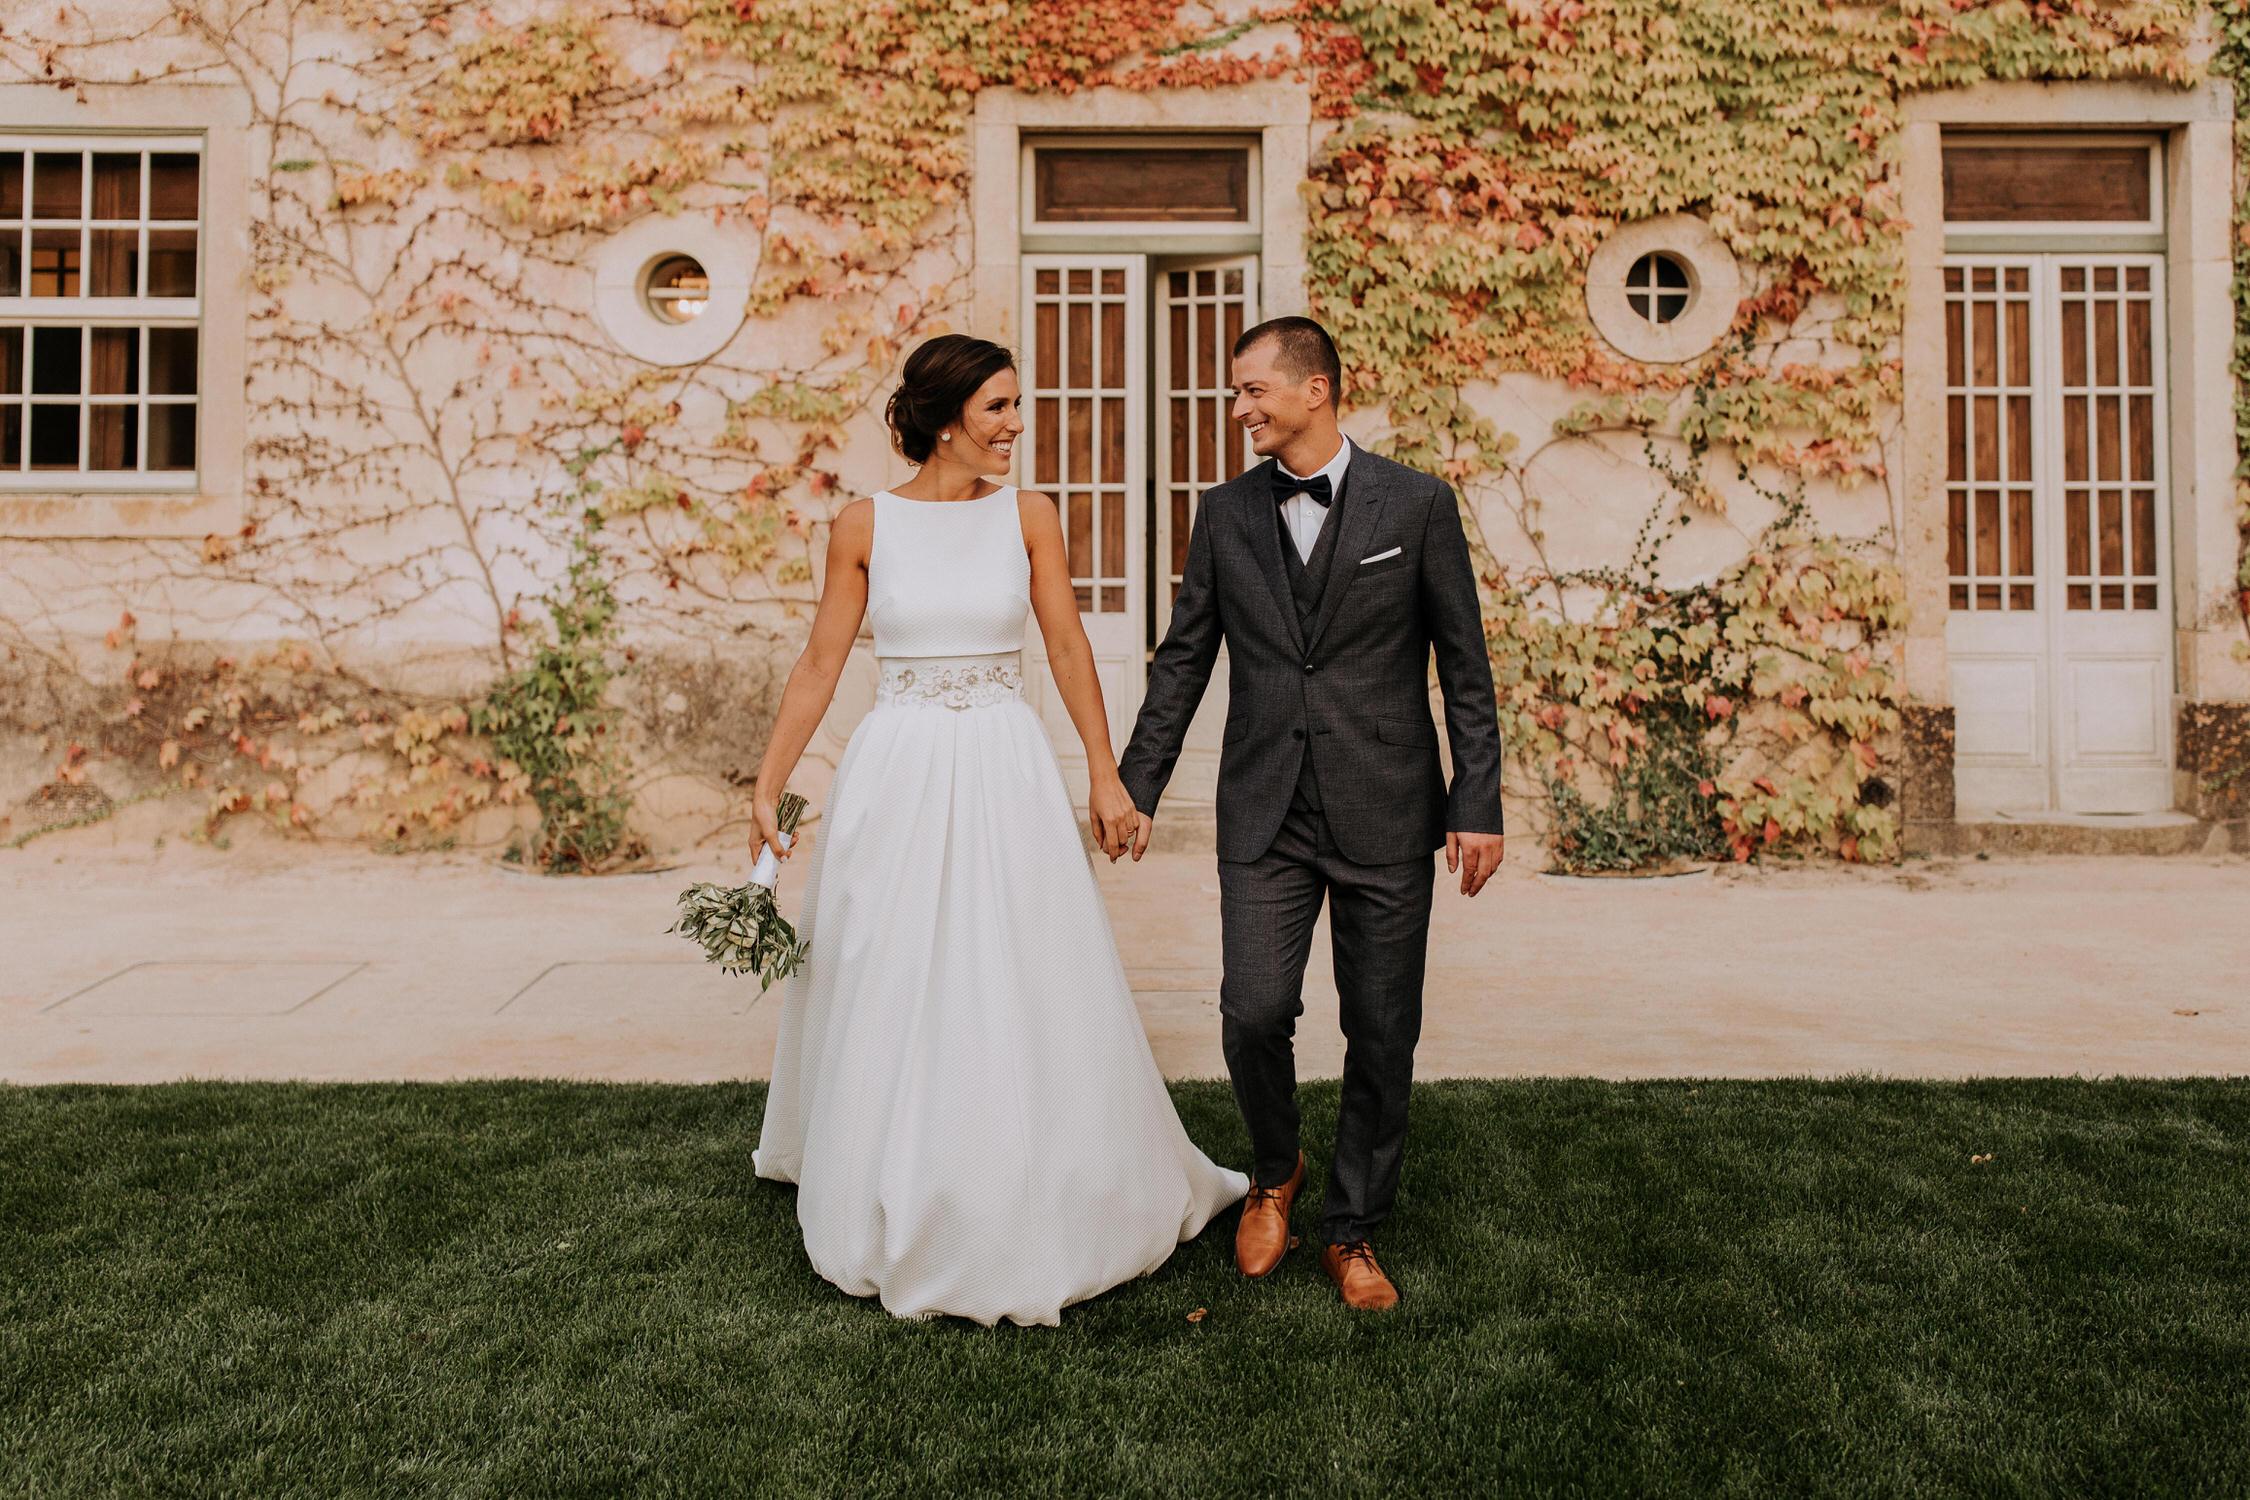 081 Filipe Santiago Fotografia Casamento wedding photographer near venue Lisbon Malveira Ericeira best Sintra Portugal destination solar de pancas alenquer